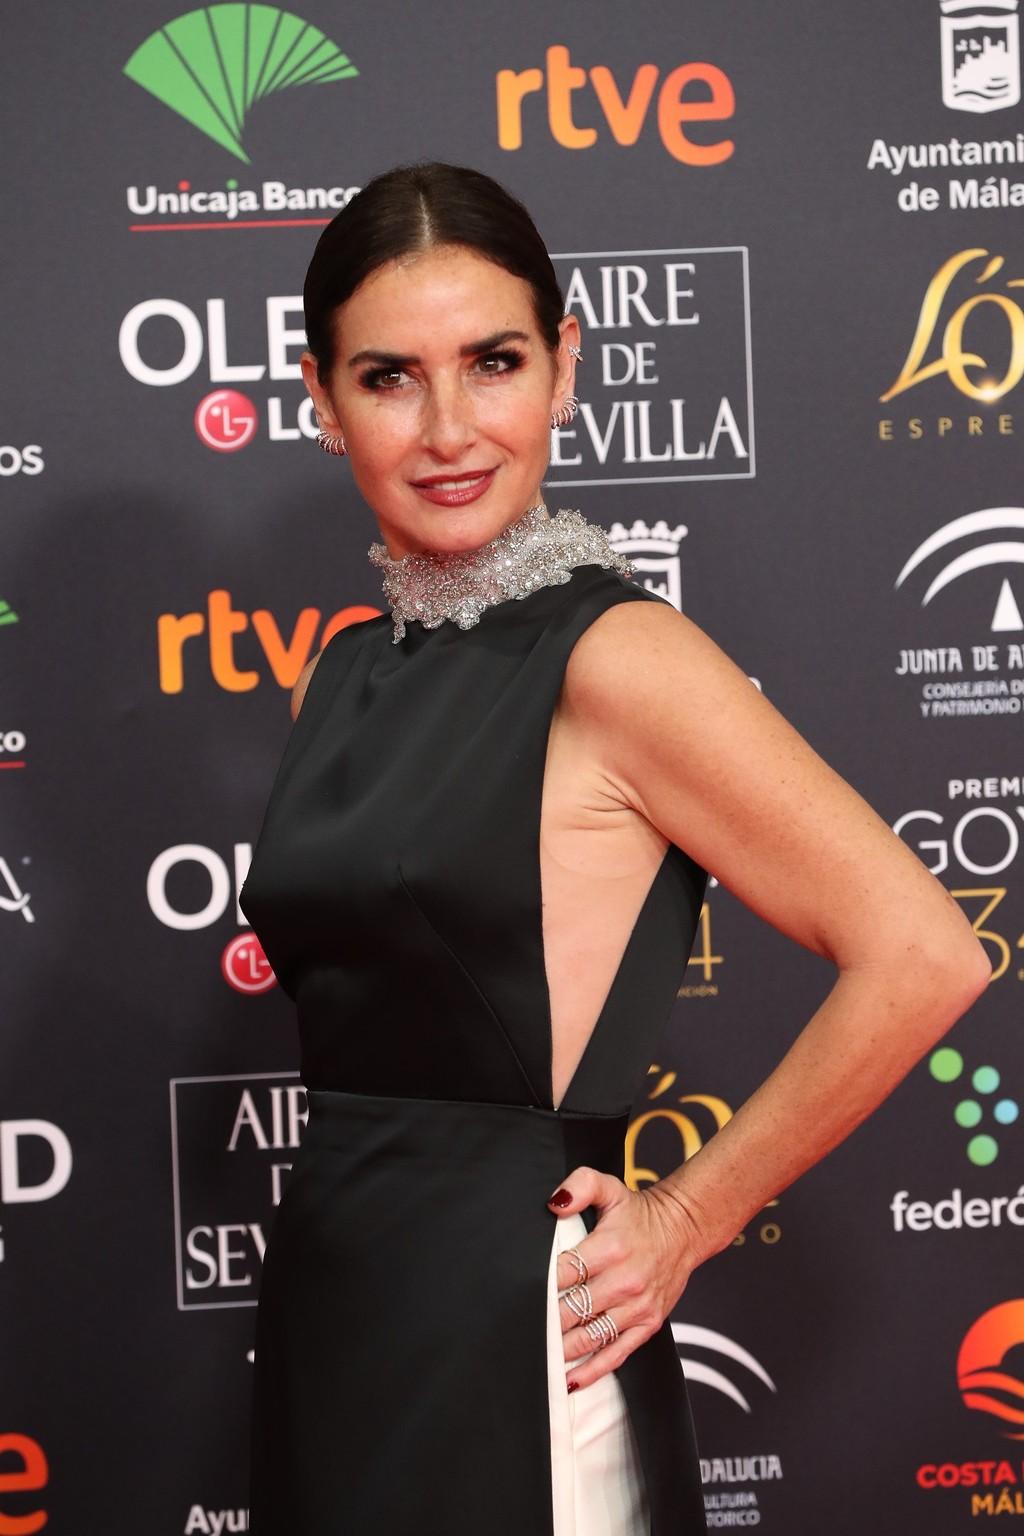 Belén López, un look en blanco y negro, con recogido bajo y un perfecto maquillaje de Dior, en la alfombra roja de los Premios Goya 2020 Dior